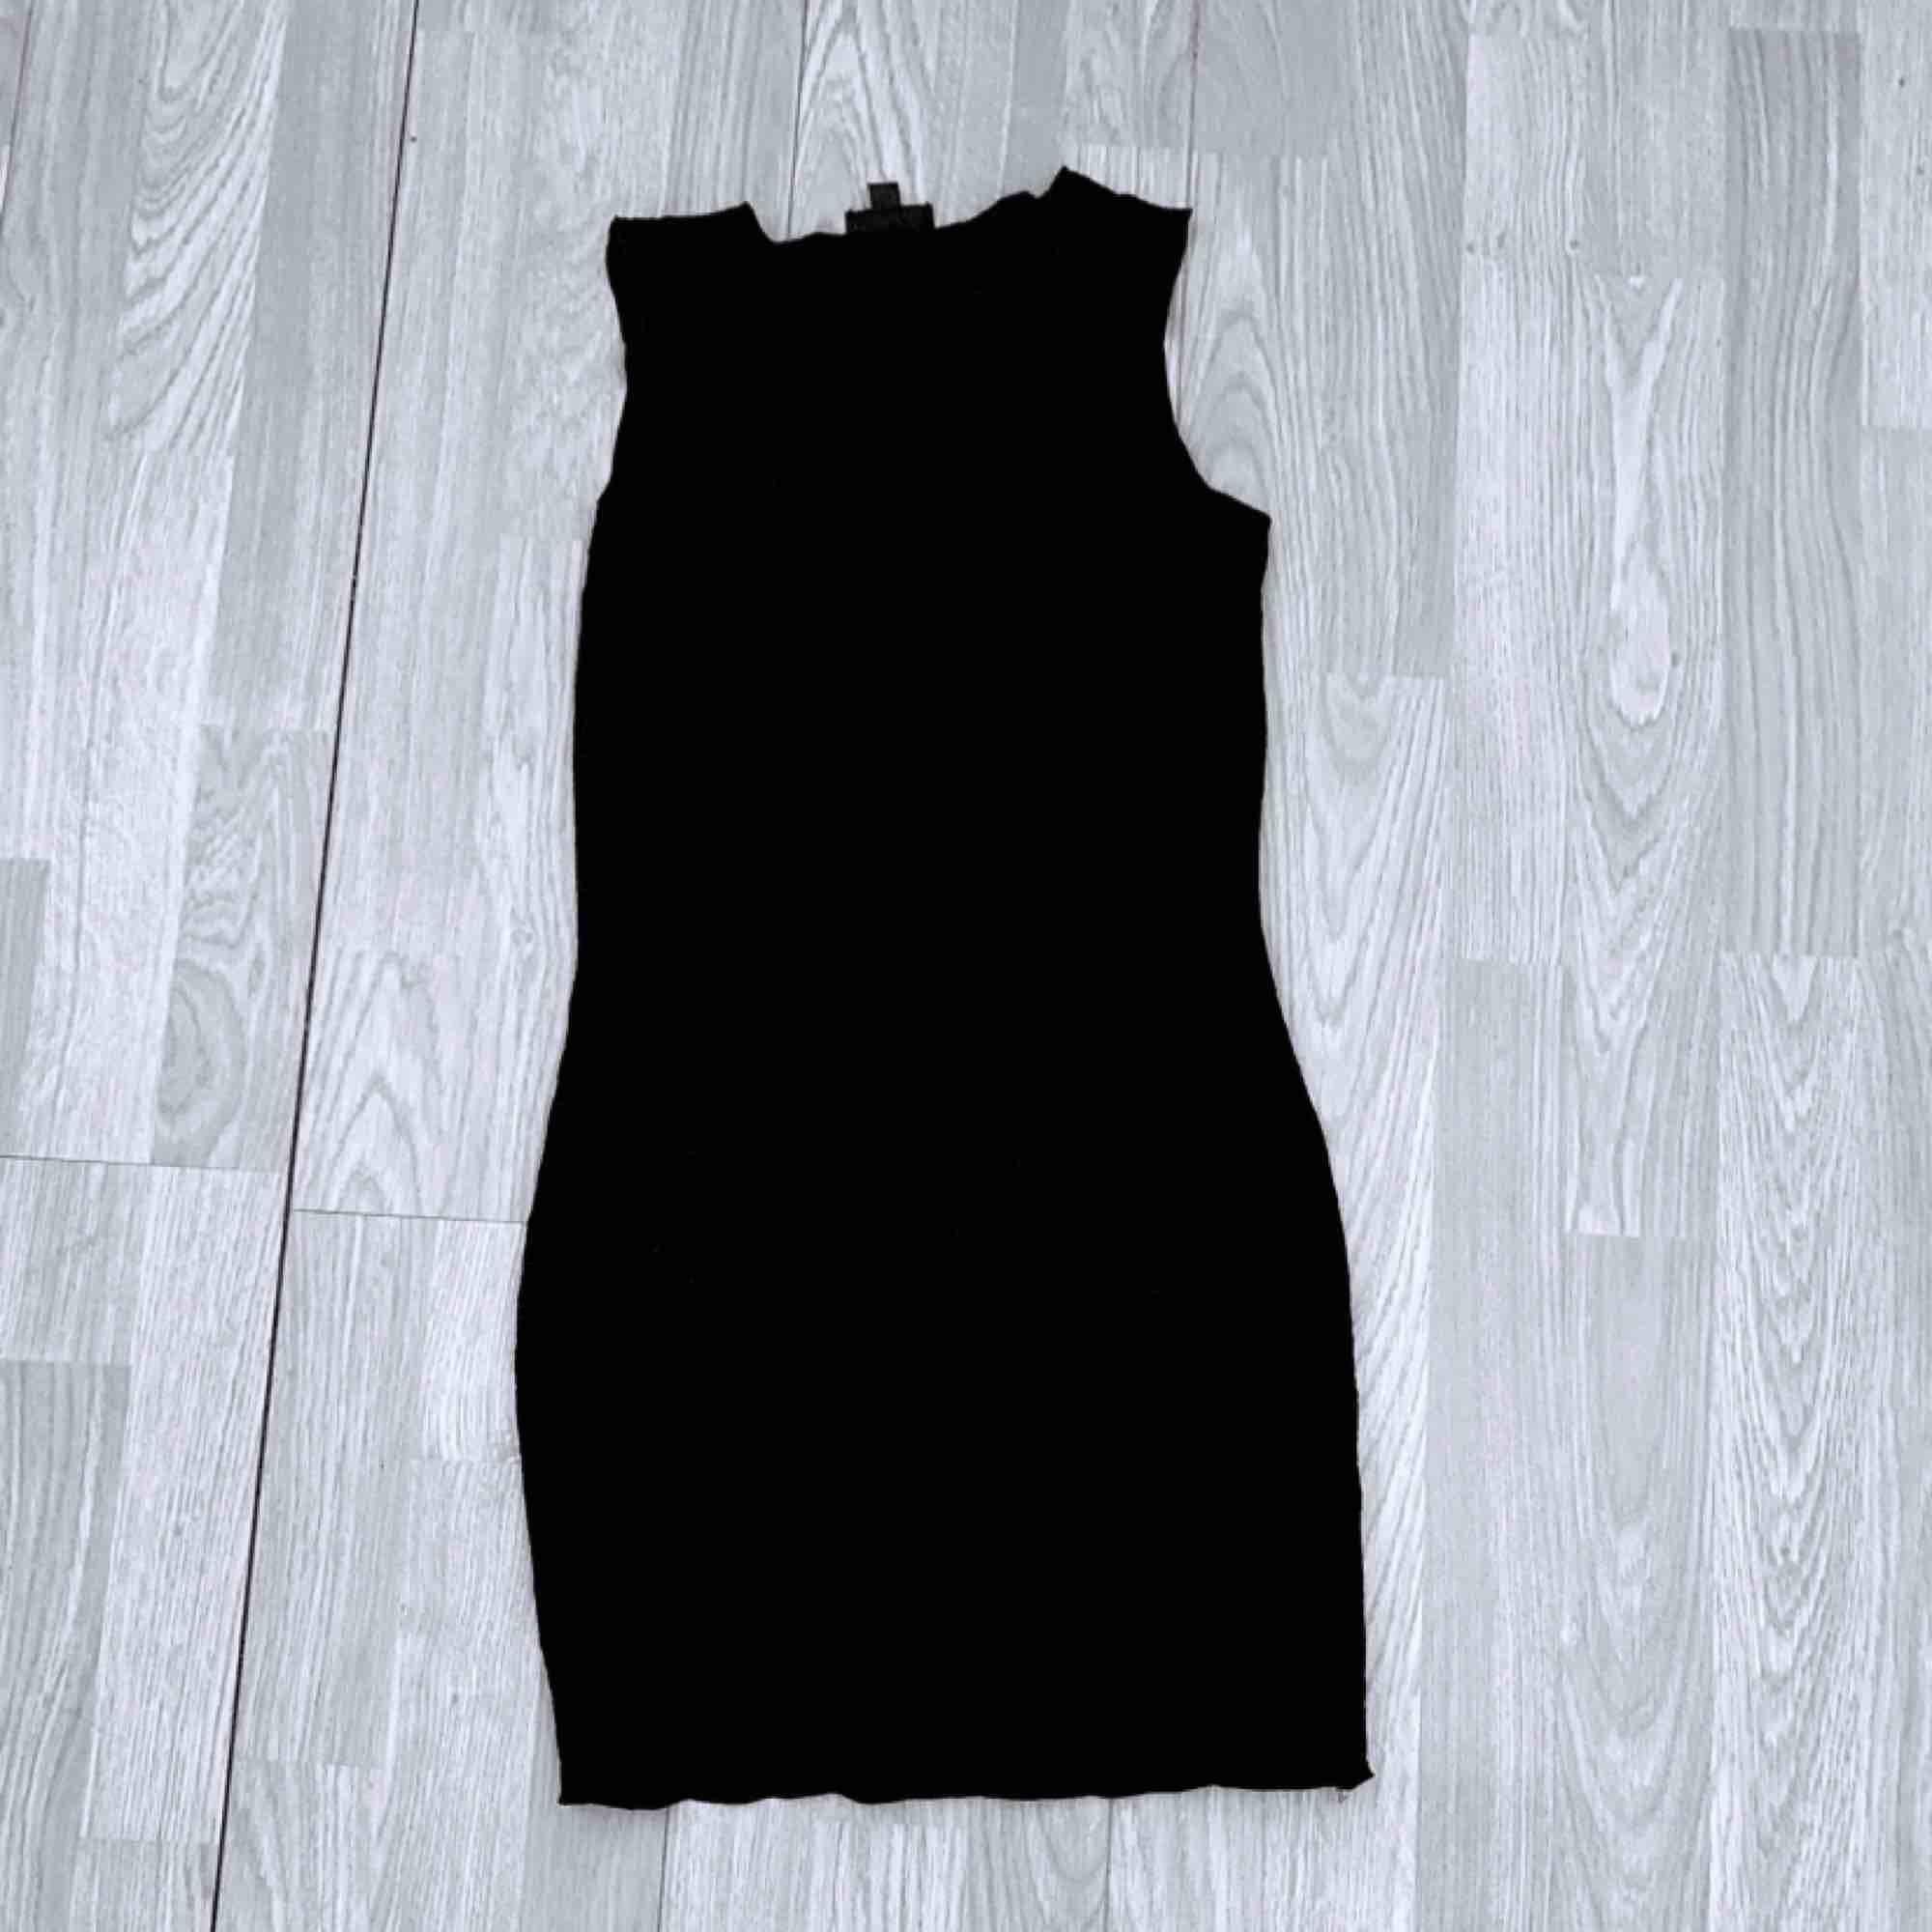 Svart tunn klänning från Topshop storlek 36, fint skick.  Möts upp i Stockholm eller fraktar.  Frakt kostar 36kr extra, postar med videobevis/bildbevis. Jag garanterar en snabb pålitlig affär!✨. Klänningar.